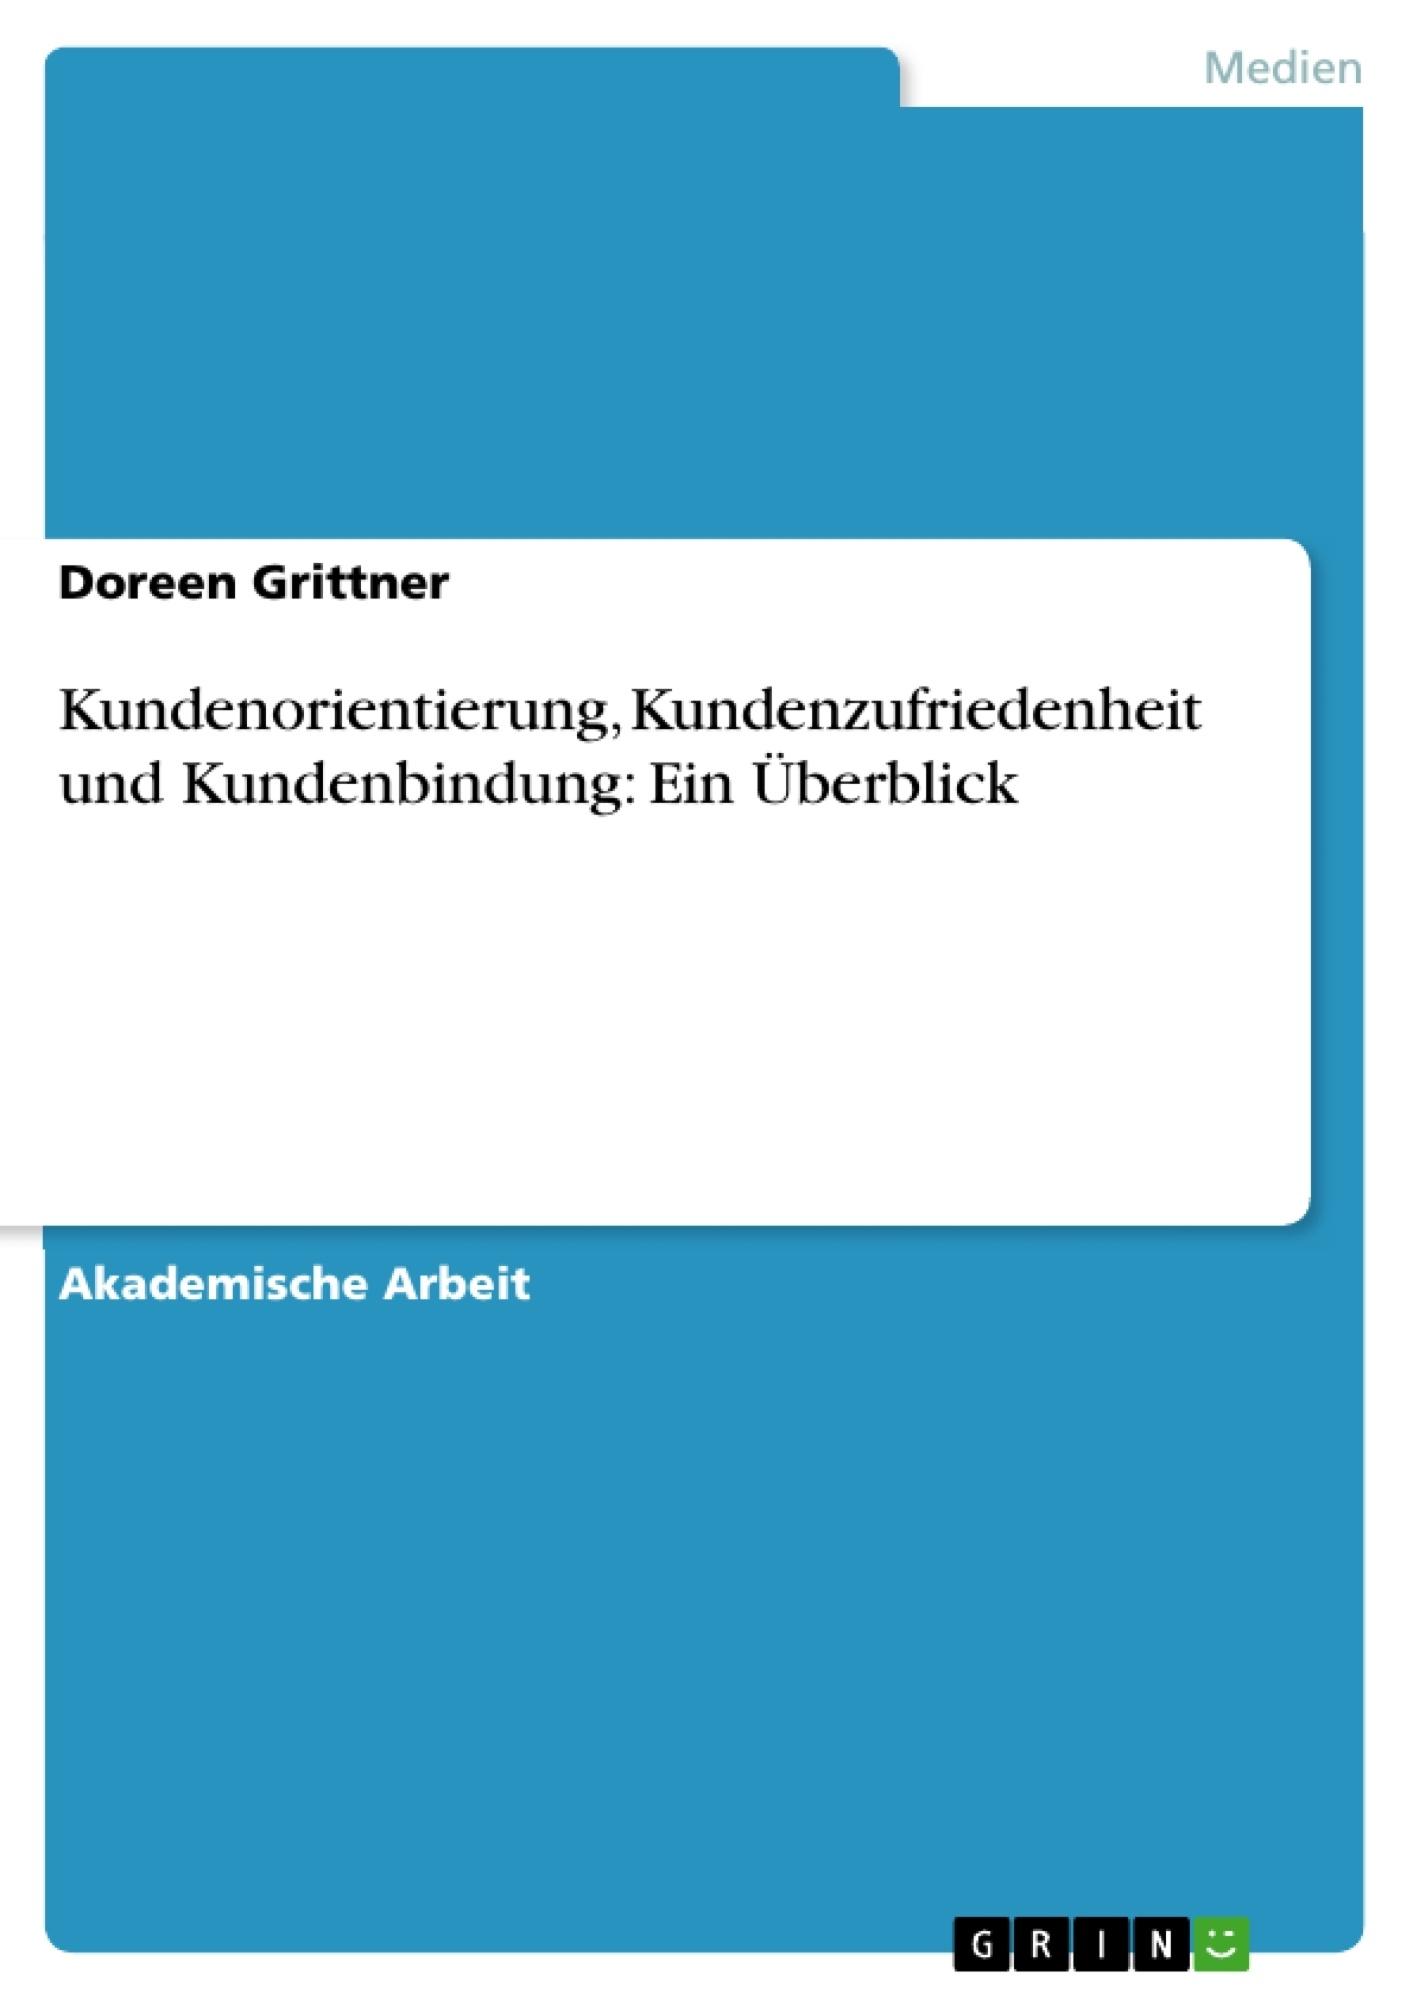 Titel: Kundenorientierung, Kundenzufriedenheit und Kundenbindung: Ein Überblick